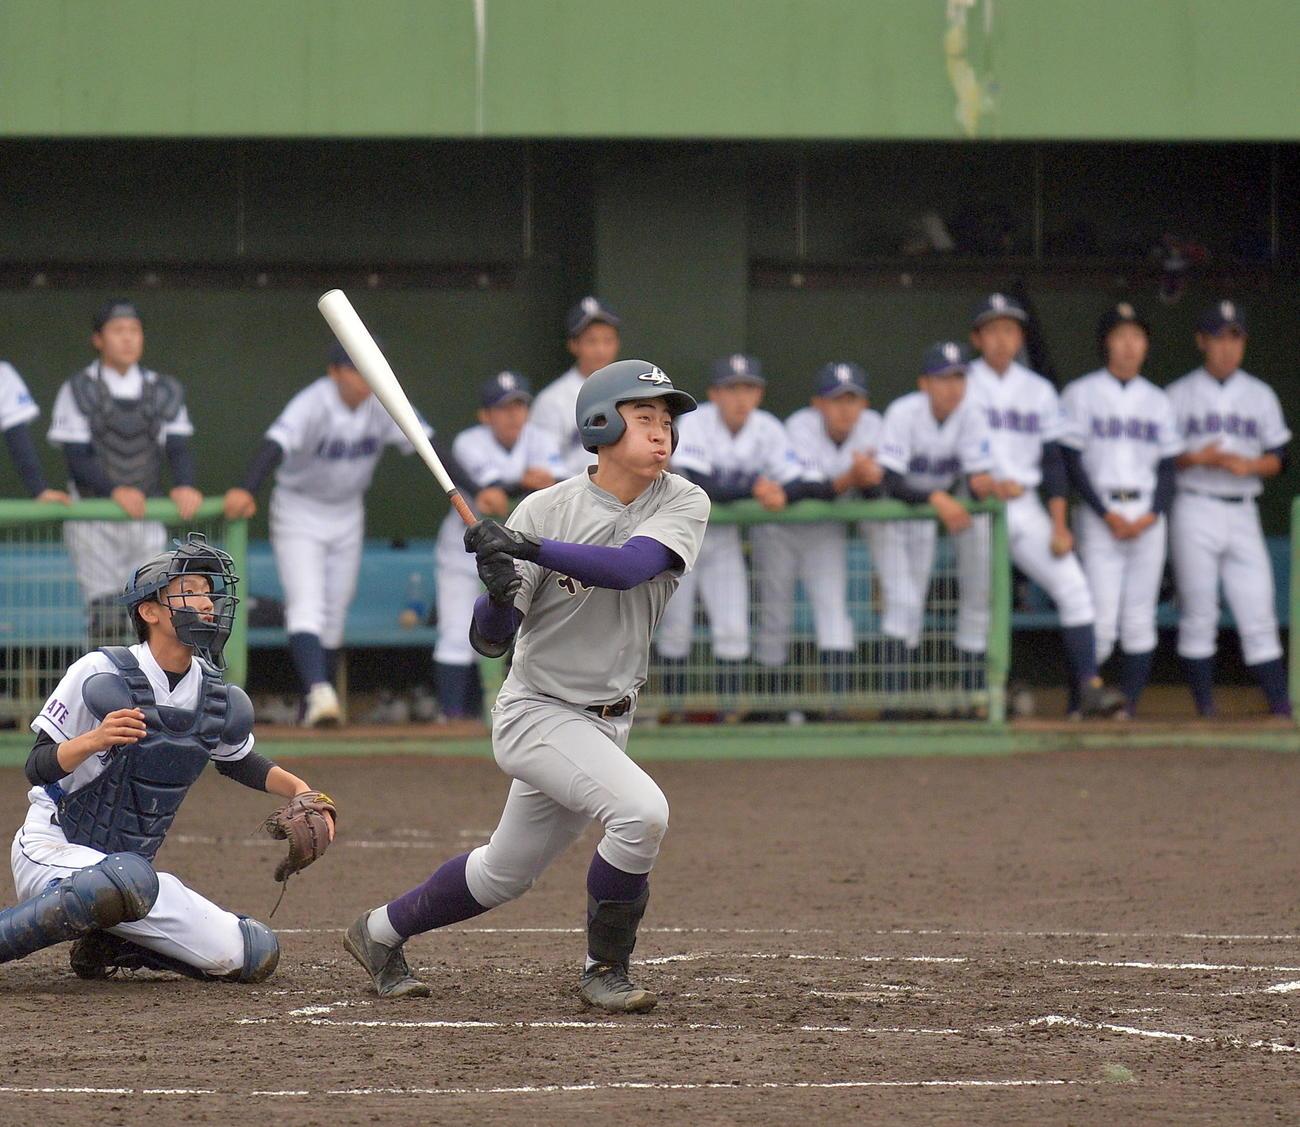 高校 2 岩手 ちゃんねる 野球